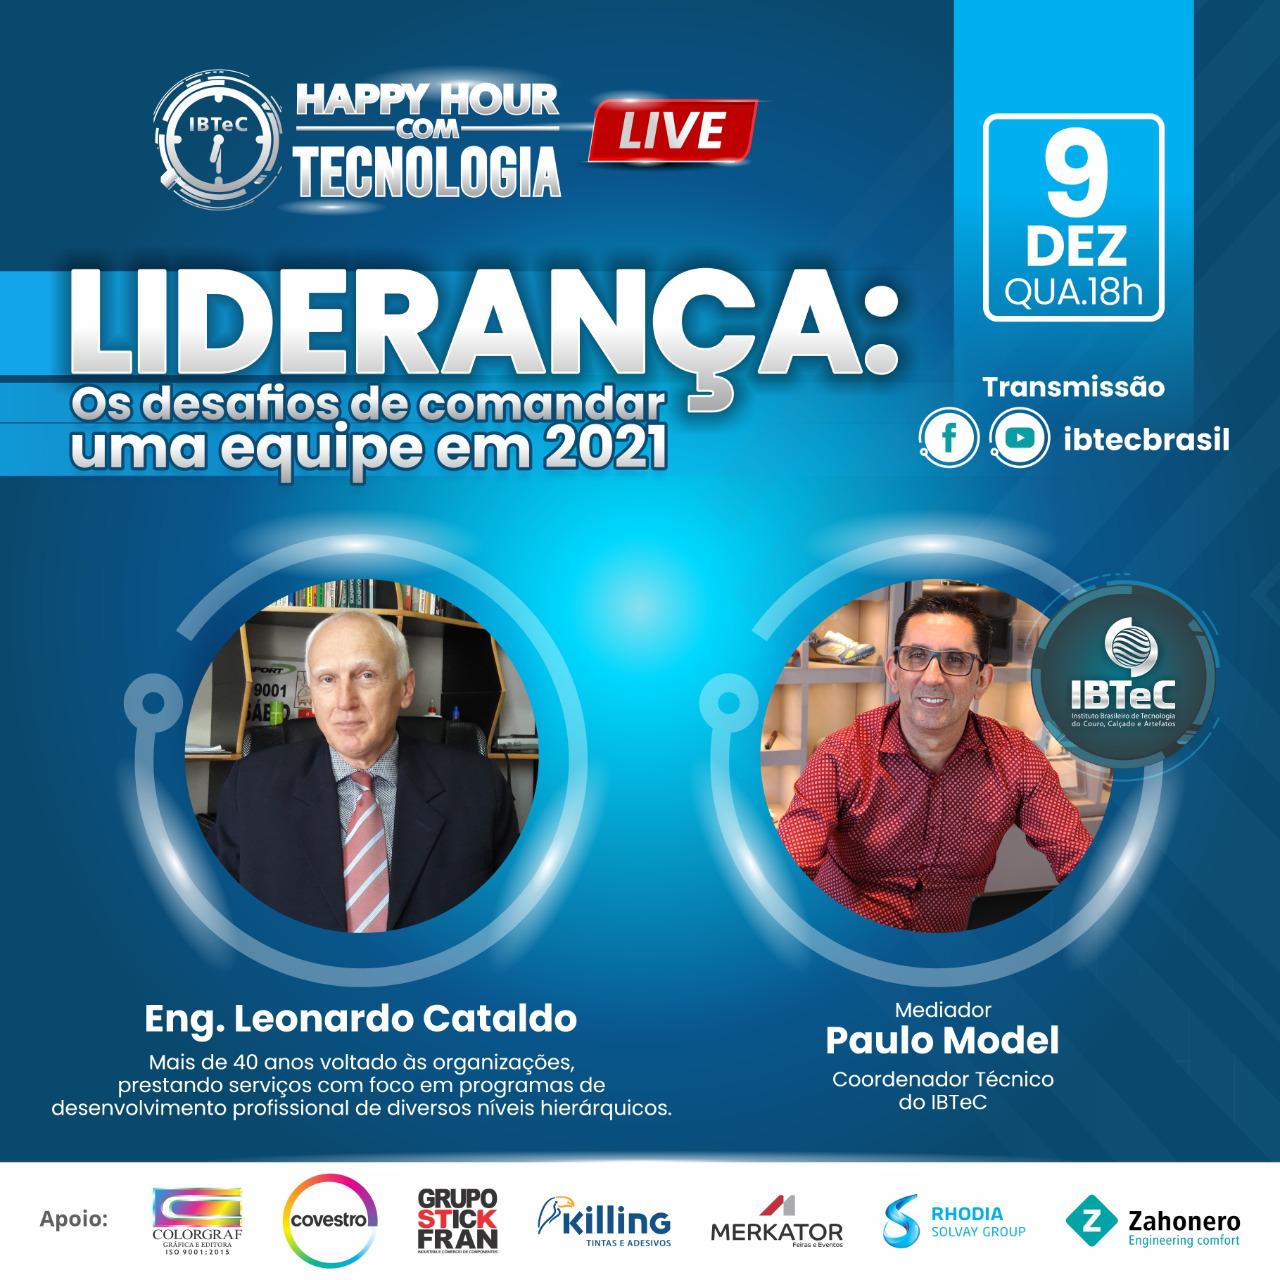 LIVE! Liderança - Os desafios de comandar uma equipe em 2021